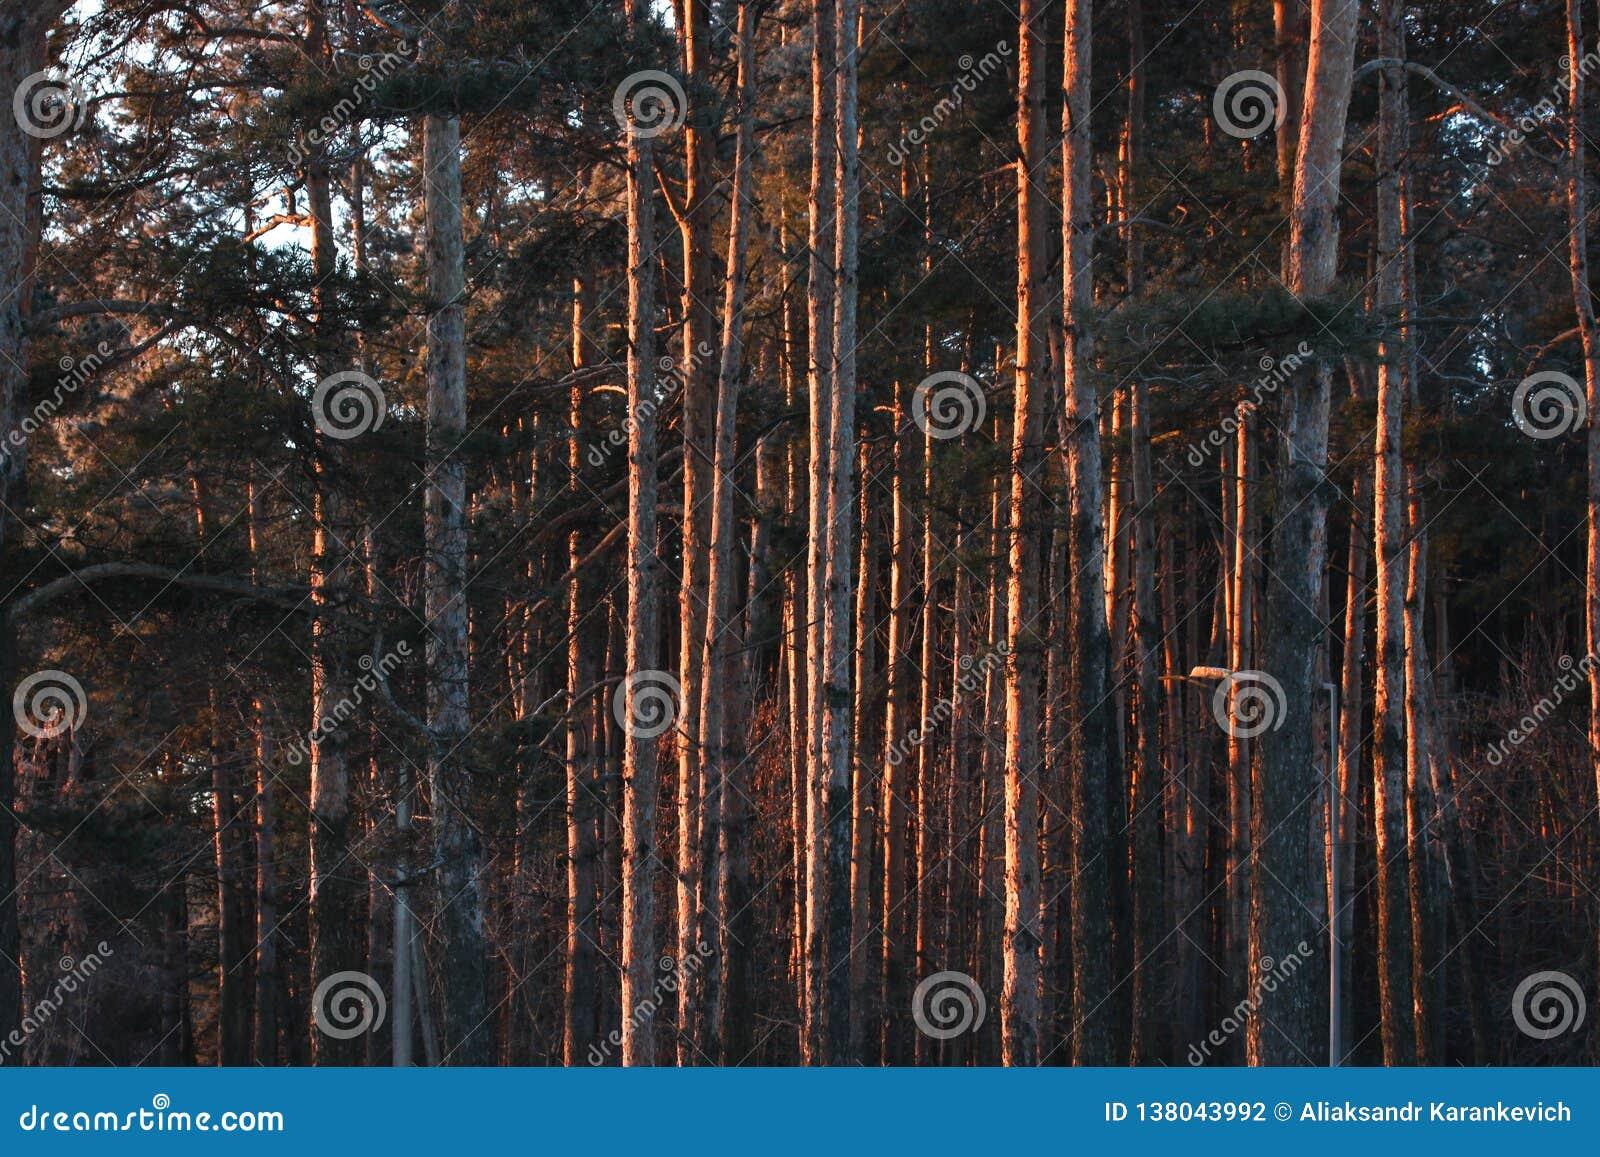 De boomstammen van de bomen bij dageraad het bos in de eerste stralen van de ochtendzon warm licht in het Park op een ijzige duid